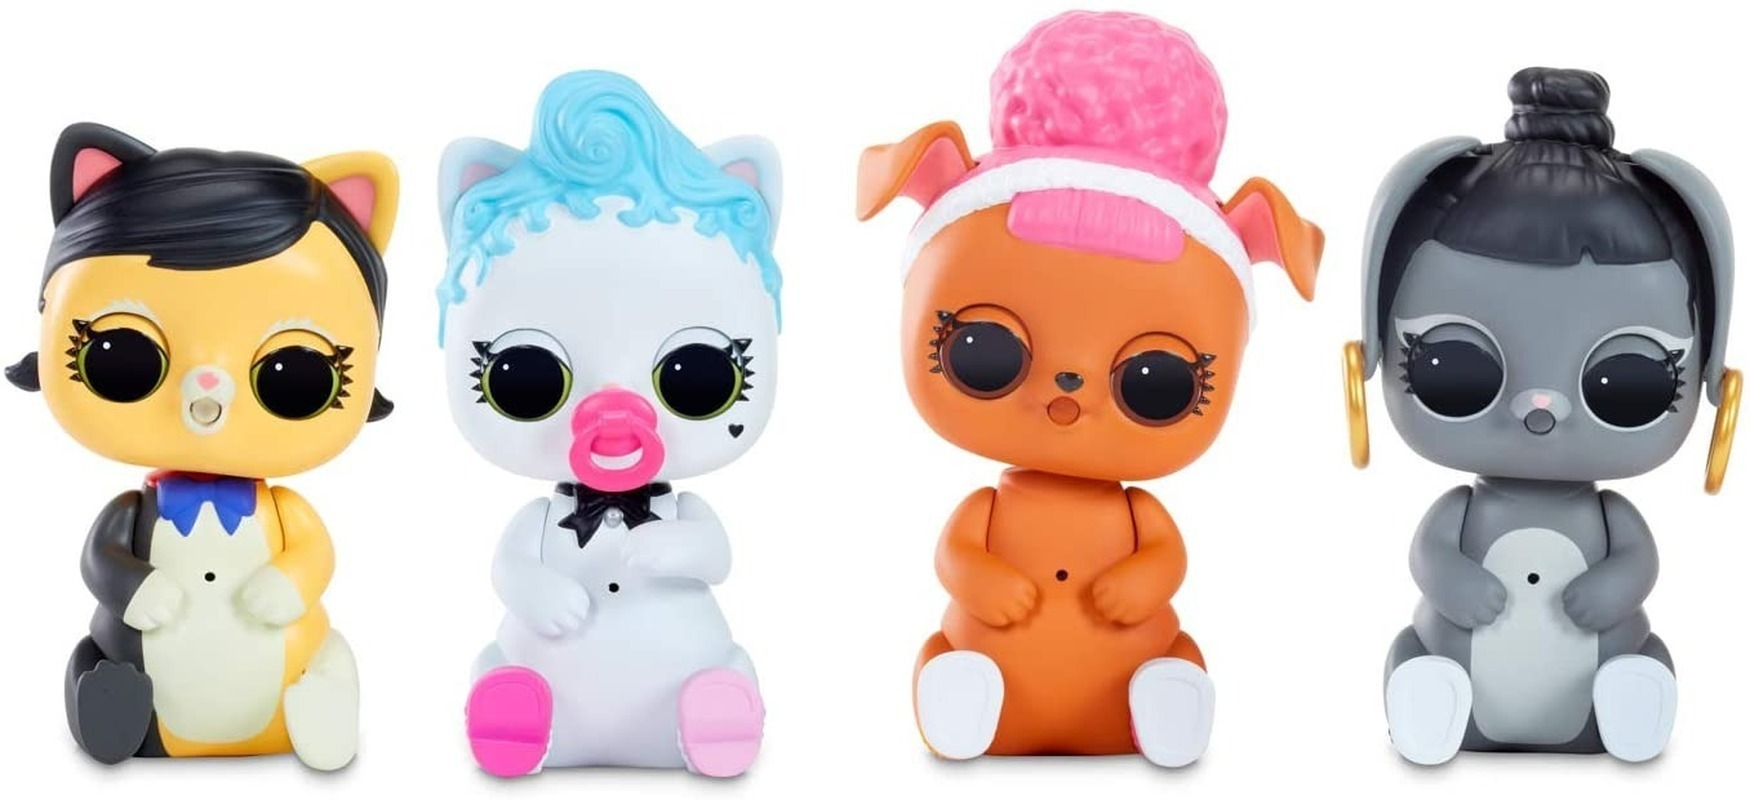 100% оригинал lol surprise Домашние любимцы куклы электрическая